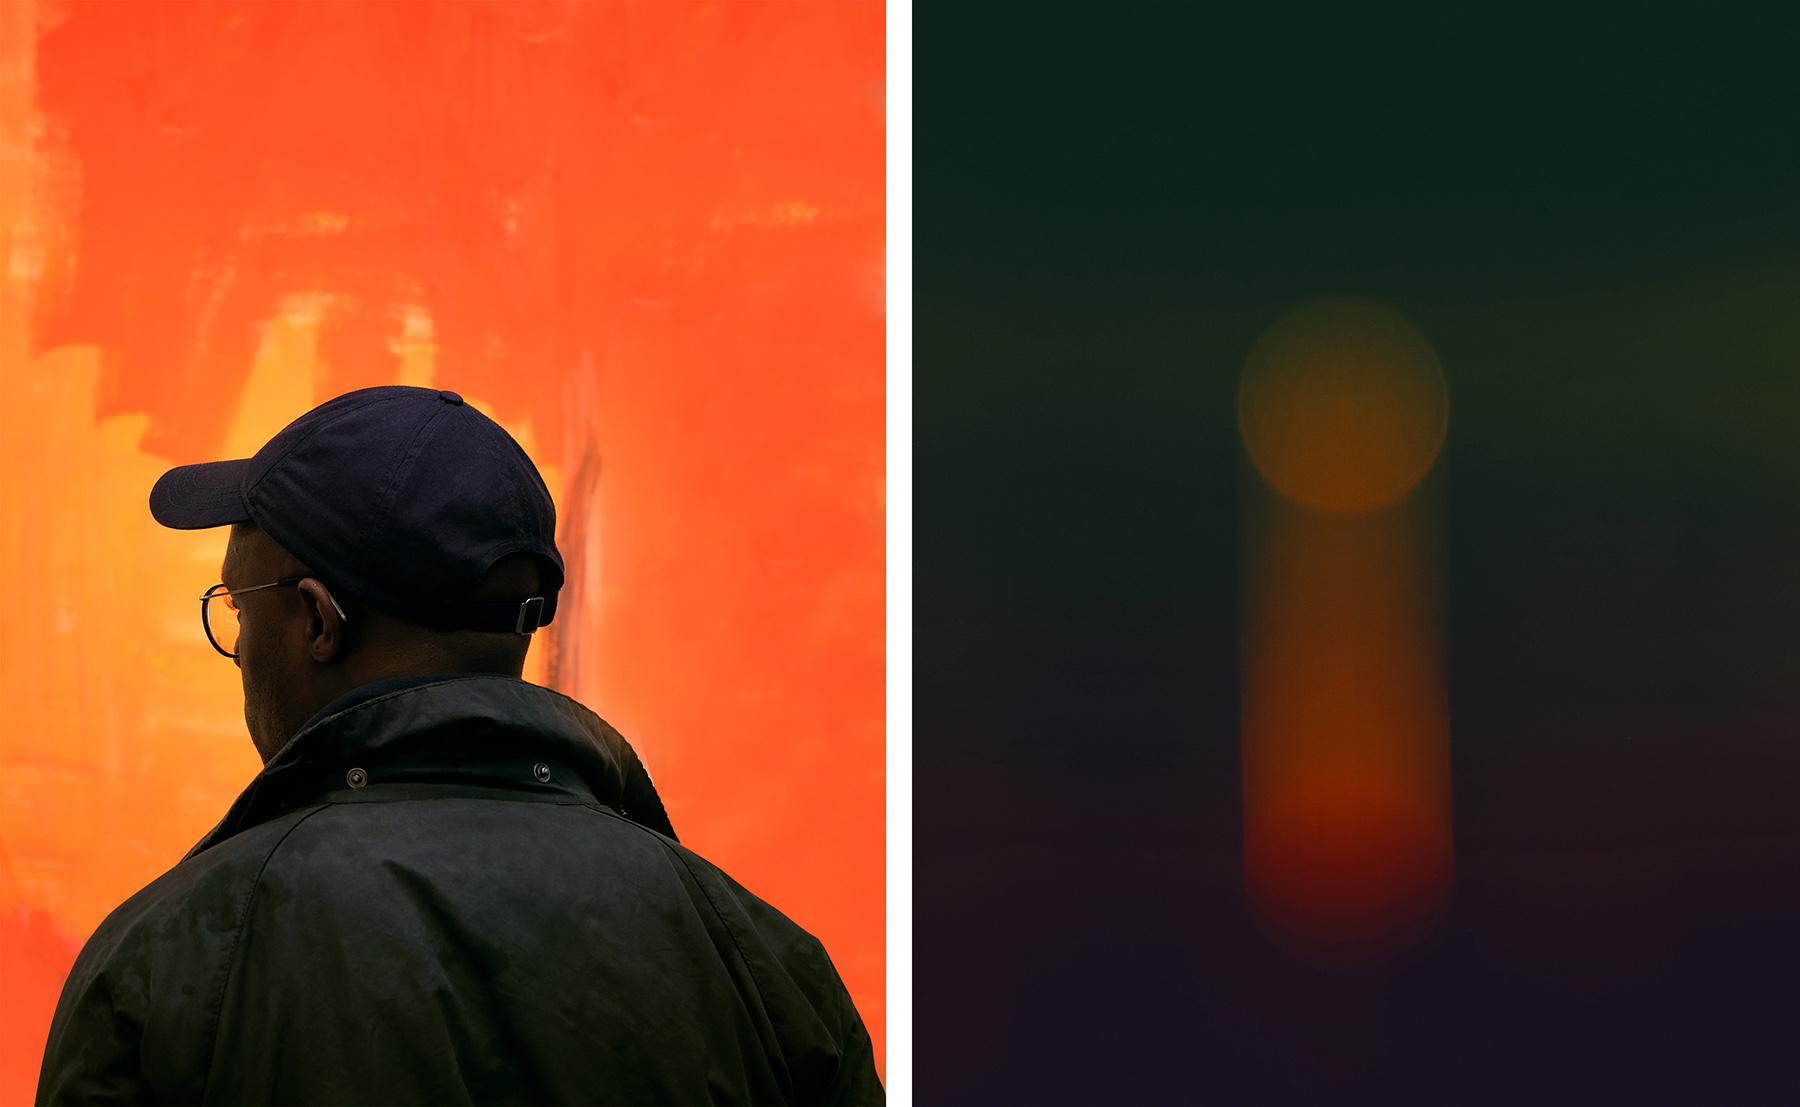 iGNANT-Photography-Robin-EK-Inner-Visions-05